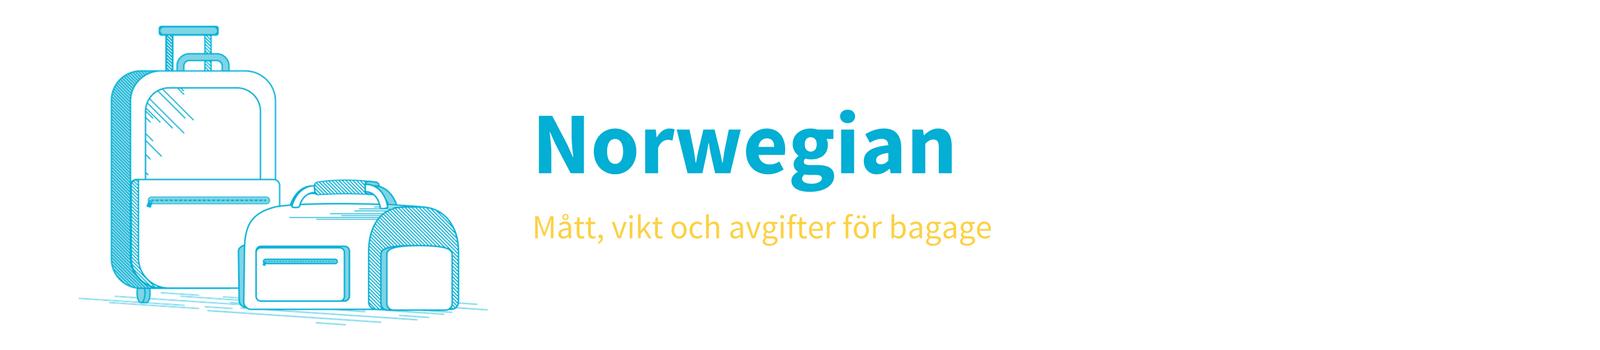 mått för handbagage norwegian